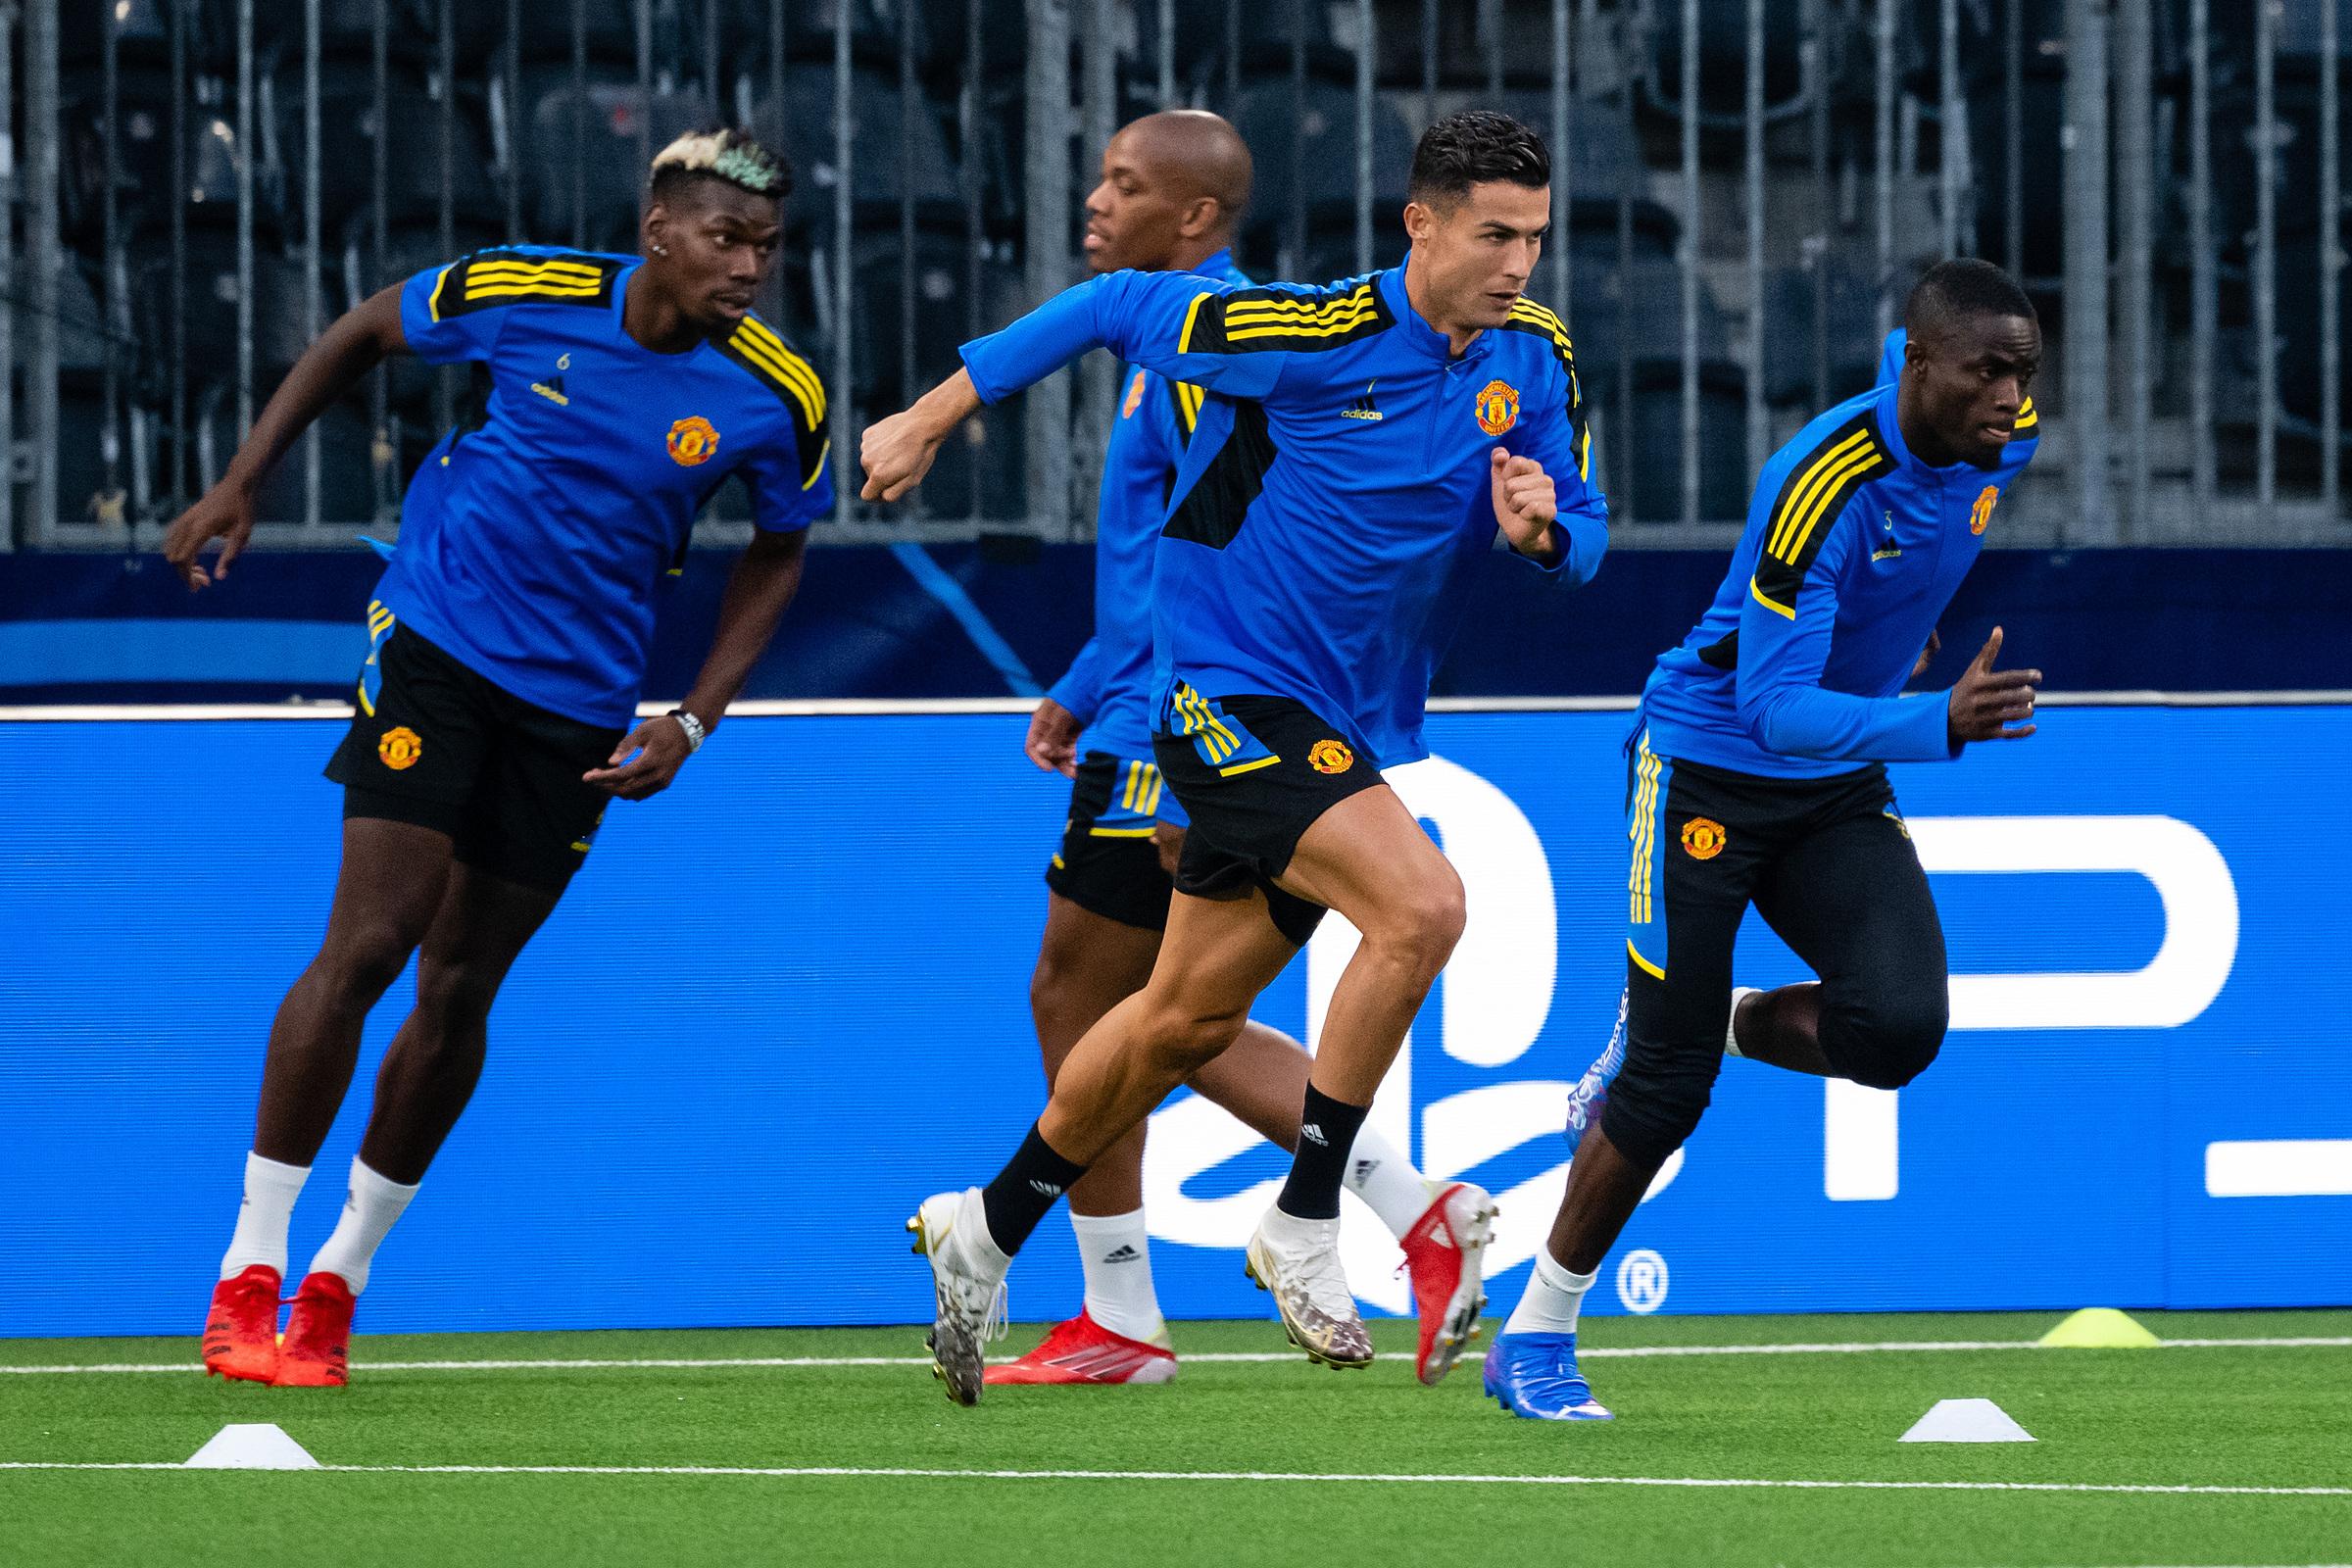 Ronaldo và các cầu thủ Man Utd tập làm quen sân Wankdorf. Ảnh: Twitter / Man Utd